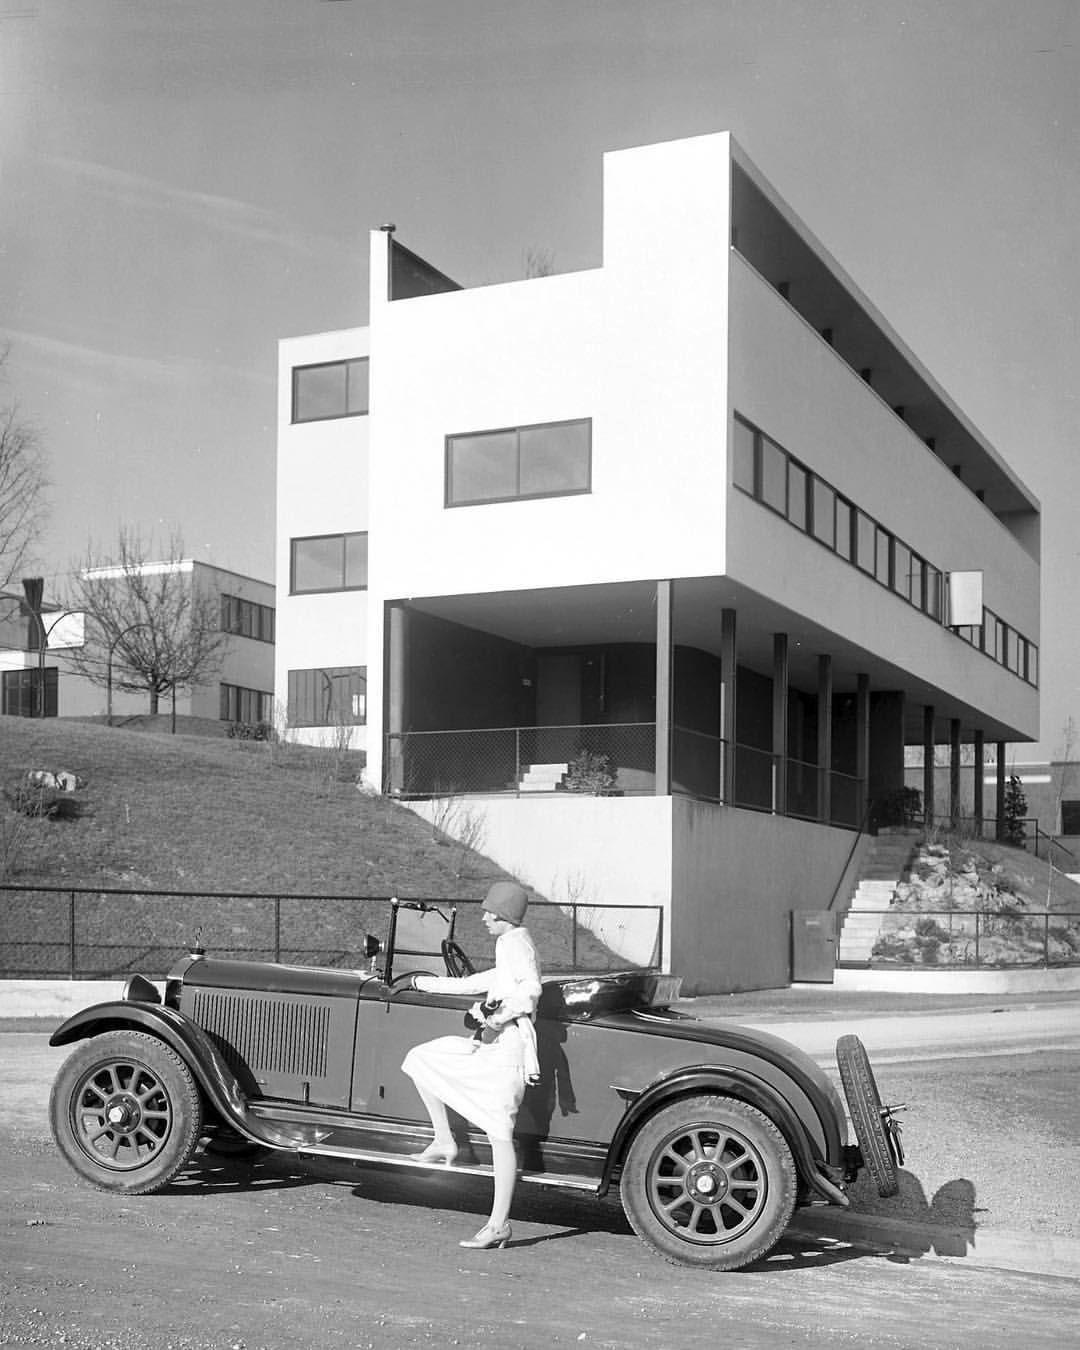 Weißenhofsiedlung in Stuttgart, Germany, 1927 #arquitectonico